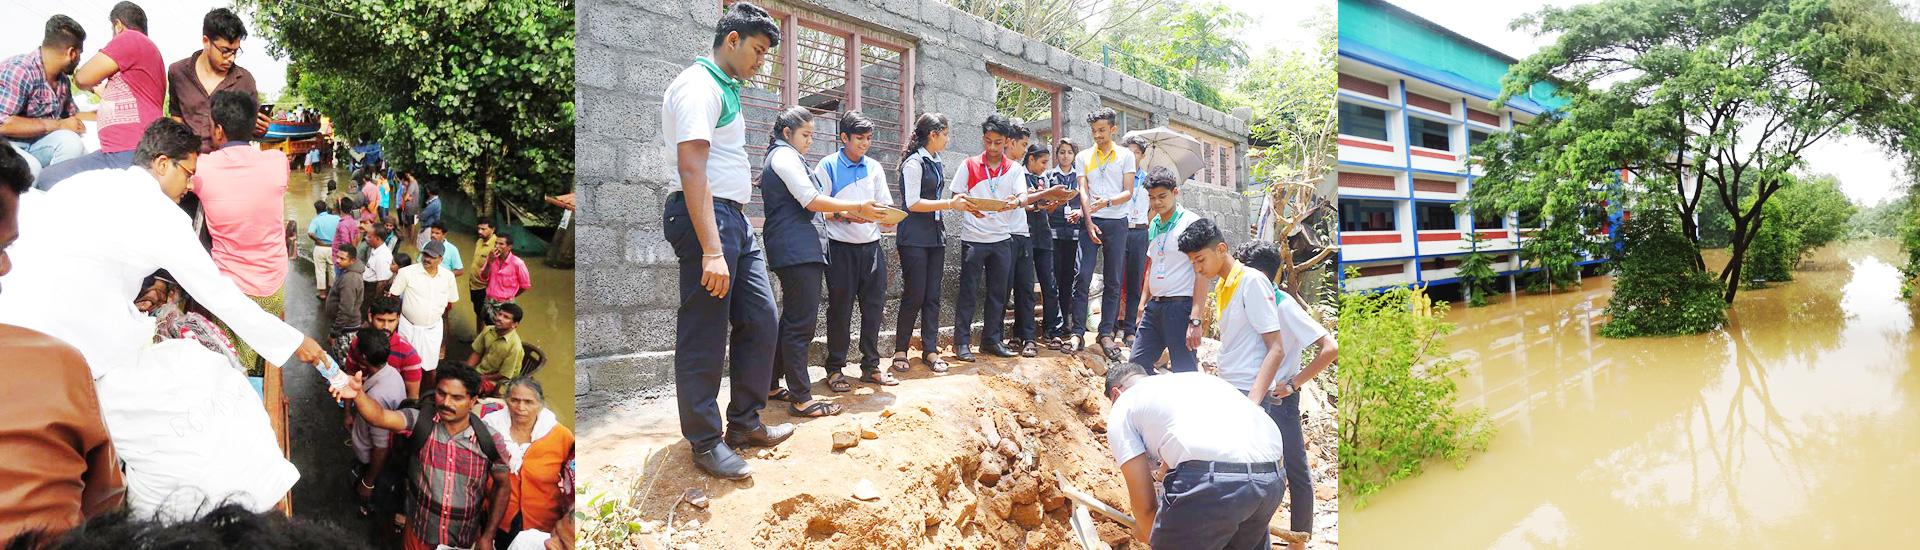 Reconstrucción ladrillo a ladrillo tras las inundaciones en India